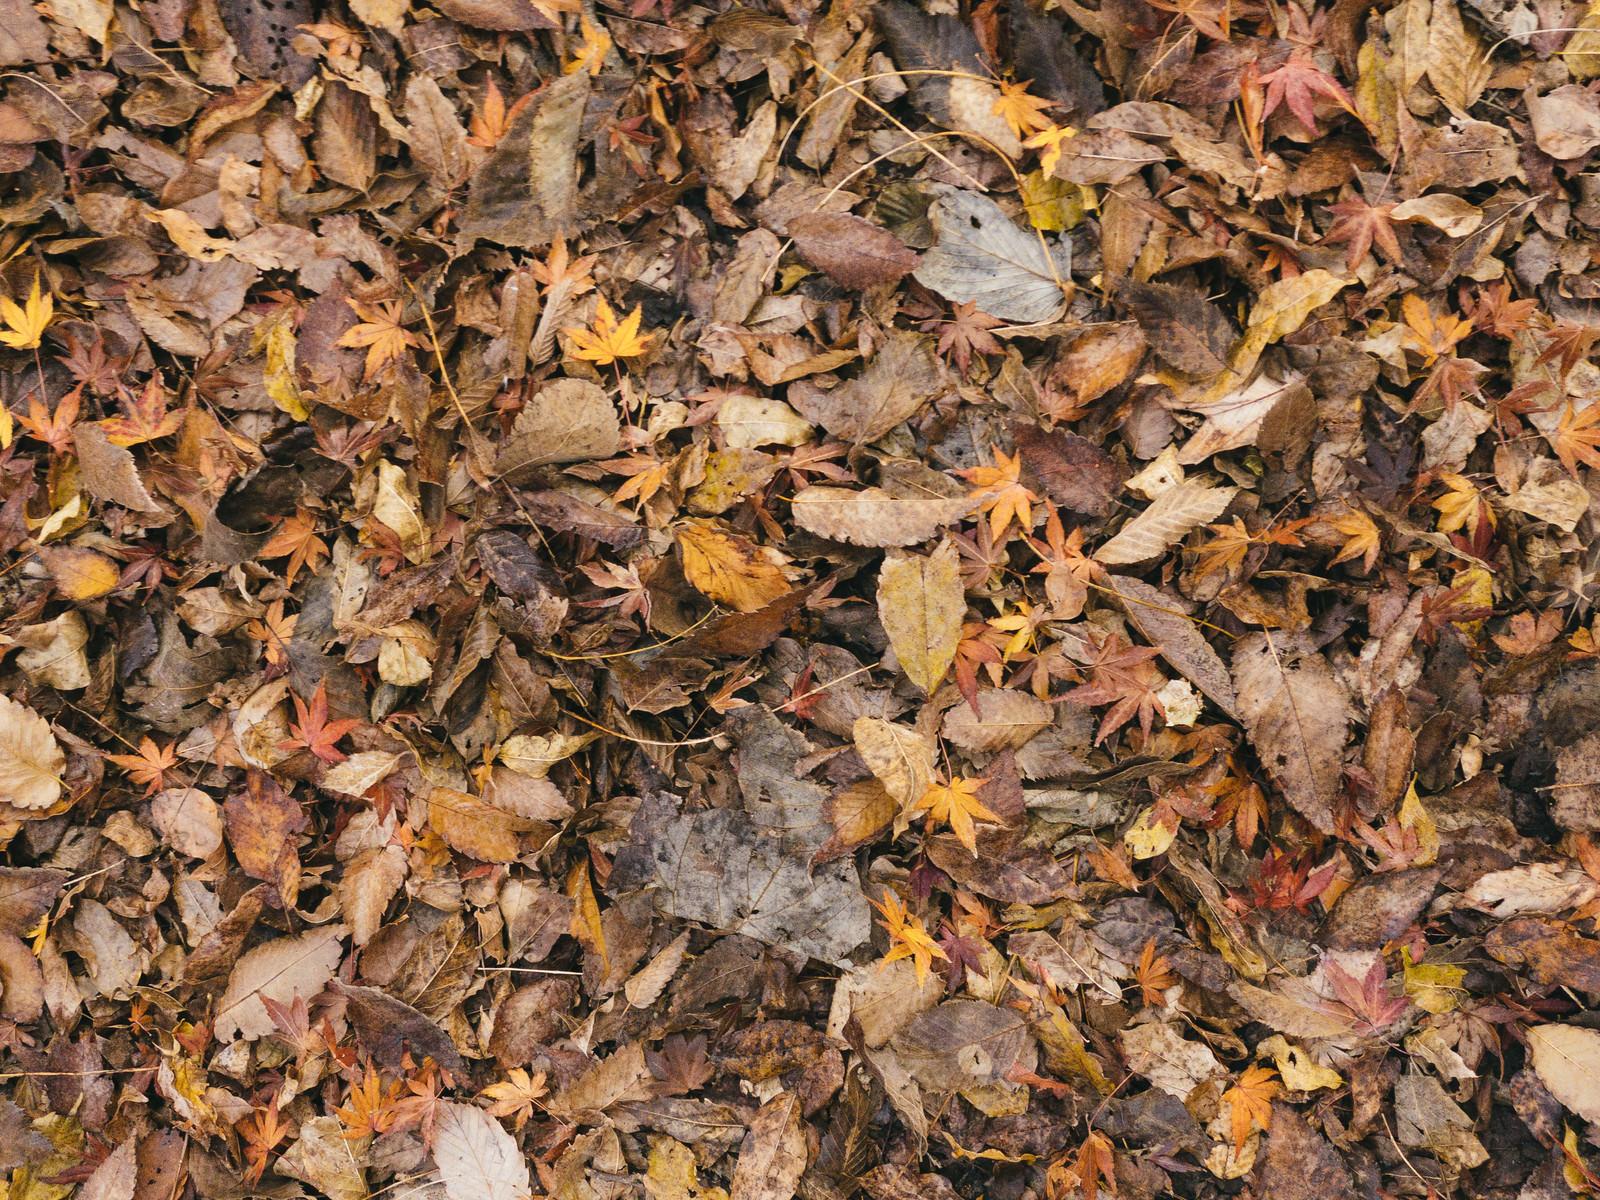 「足元の落葉と枯れ葉」の写真